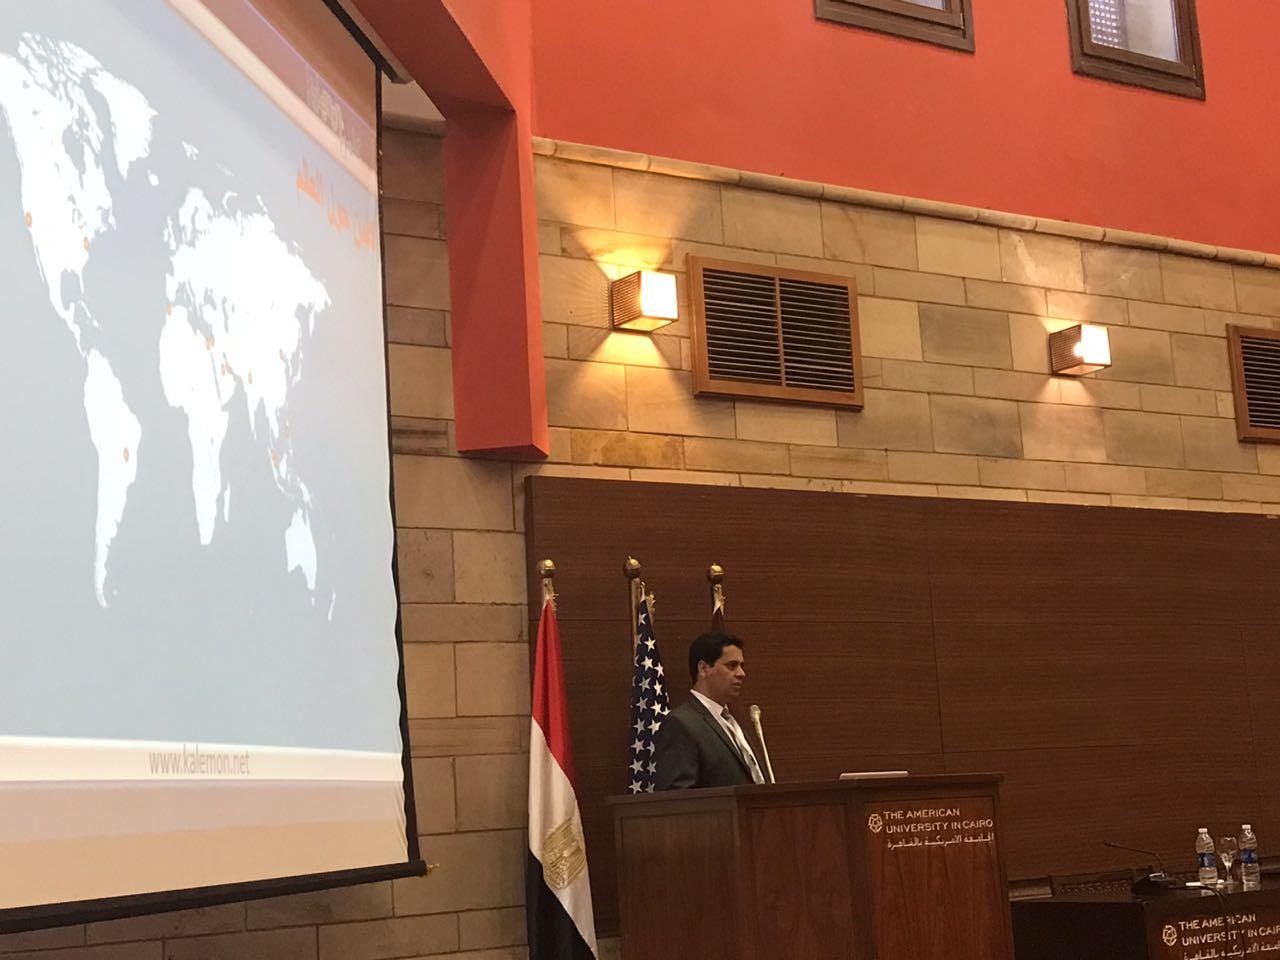 """المتحدة للتعليم ترعى مؤتمر """" تدريس اللغة العربية""""  بالجامعة الأمريكية بالقاهرة"""